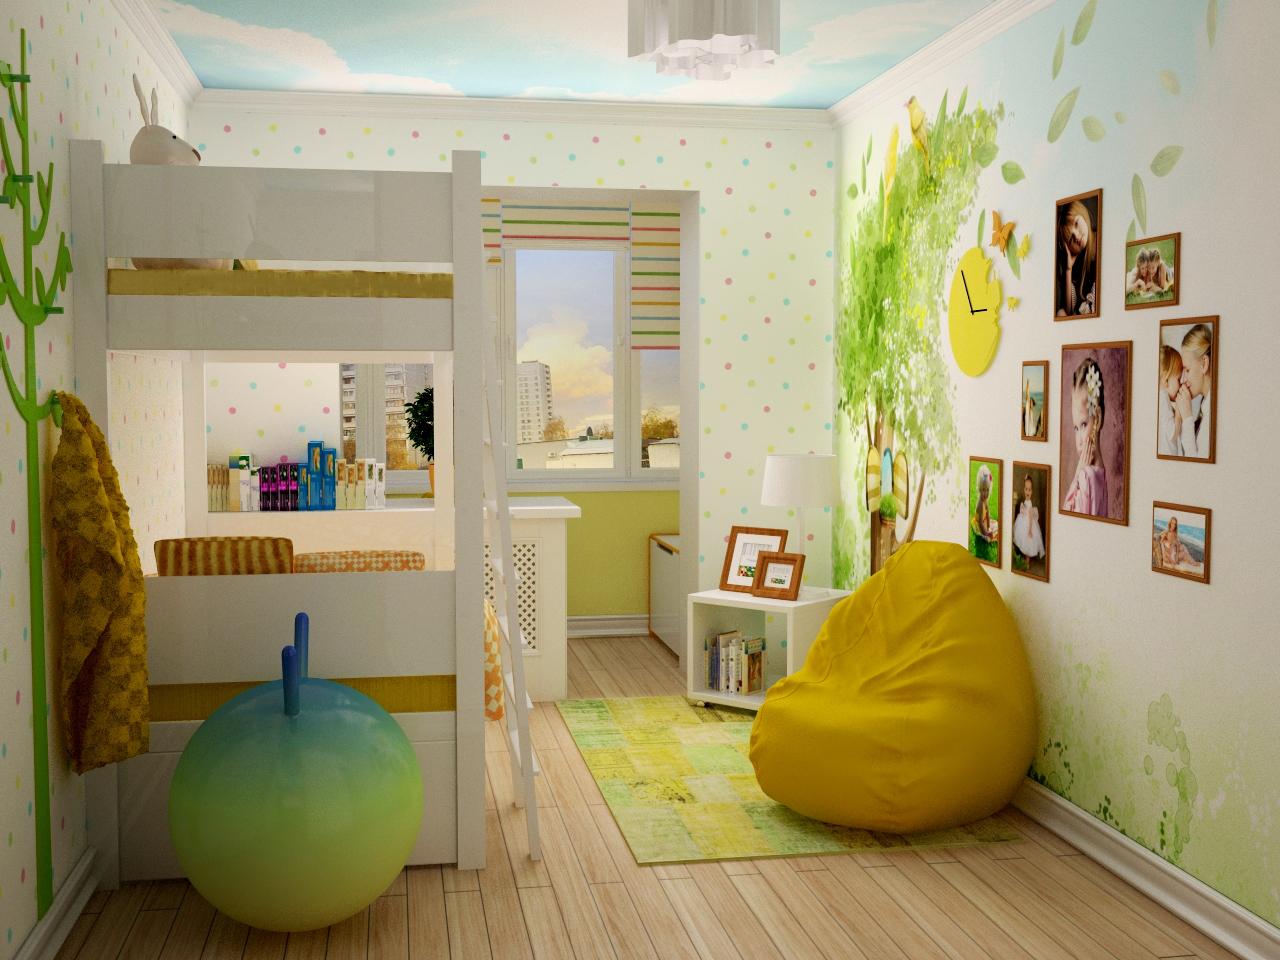 Дизайн детской комнаты - фото интерьера детской..